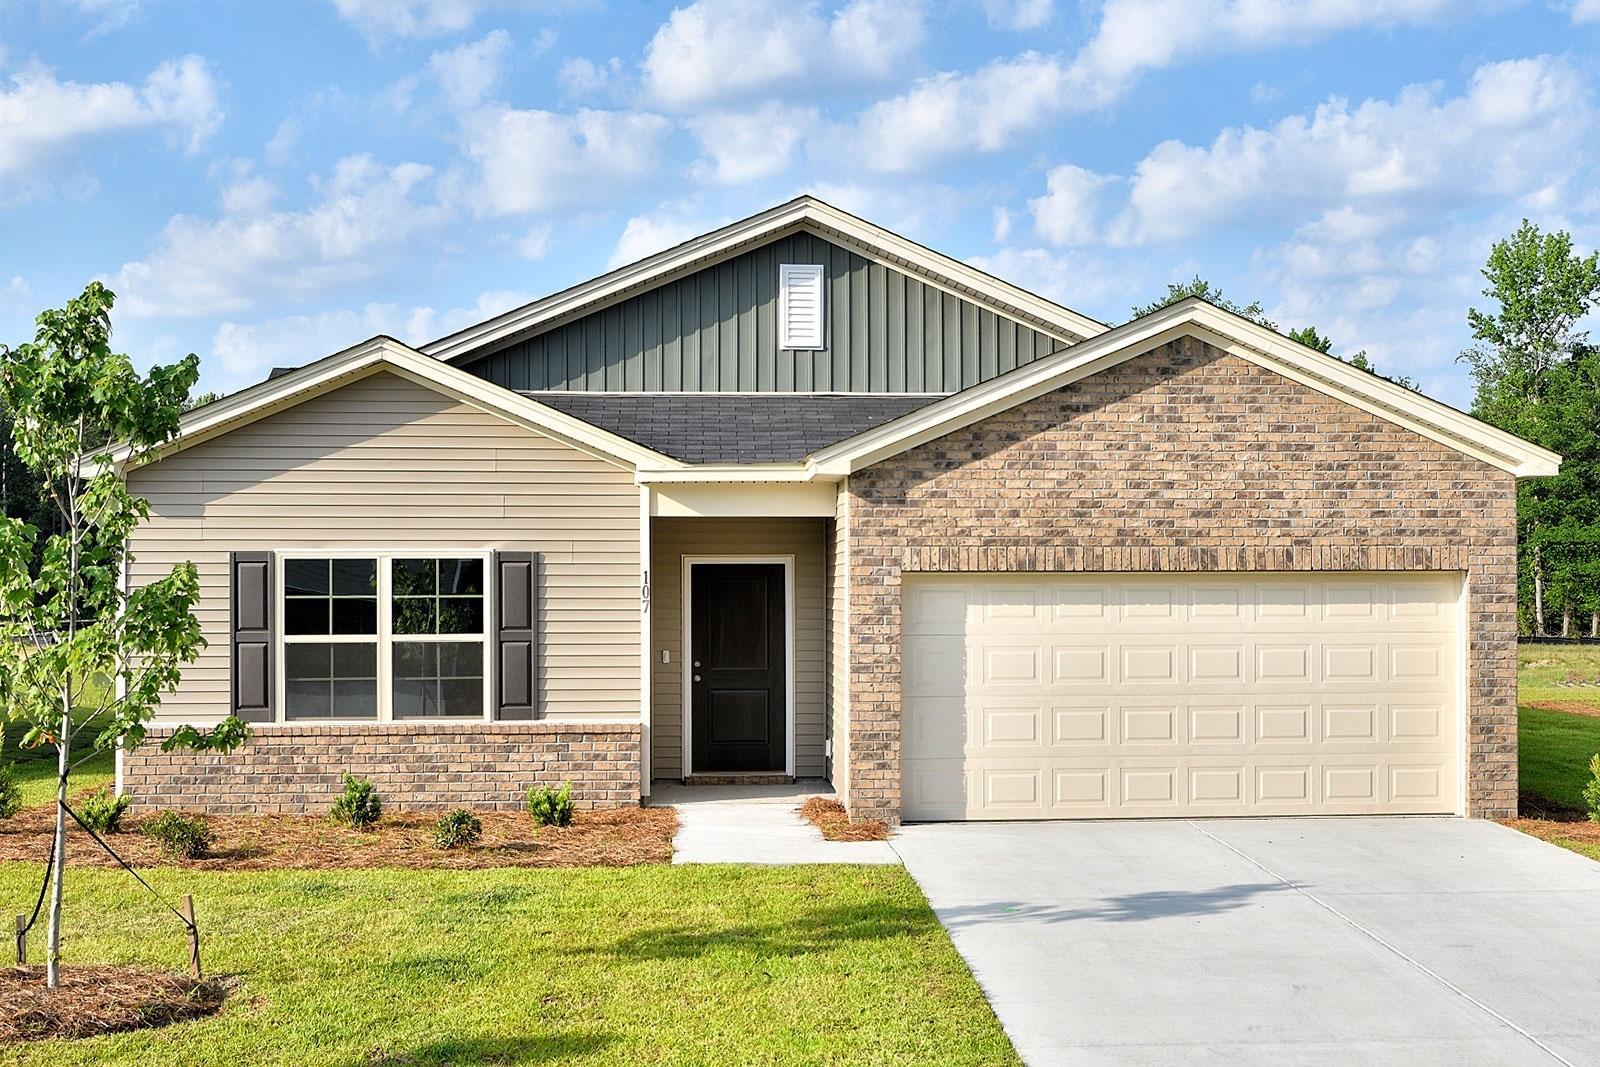 Medway Landing Homes For Sale - 254 Hyrne Drive, Goose Creek, SC - 12